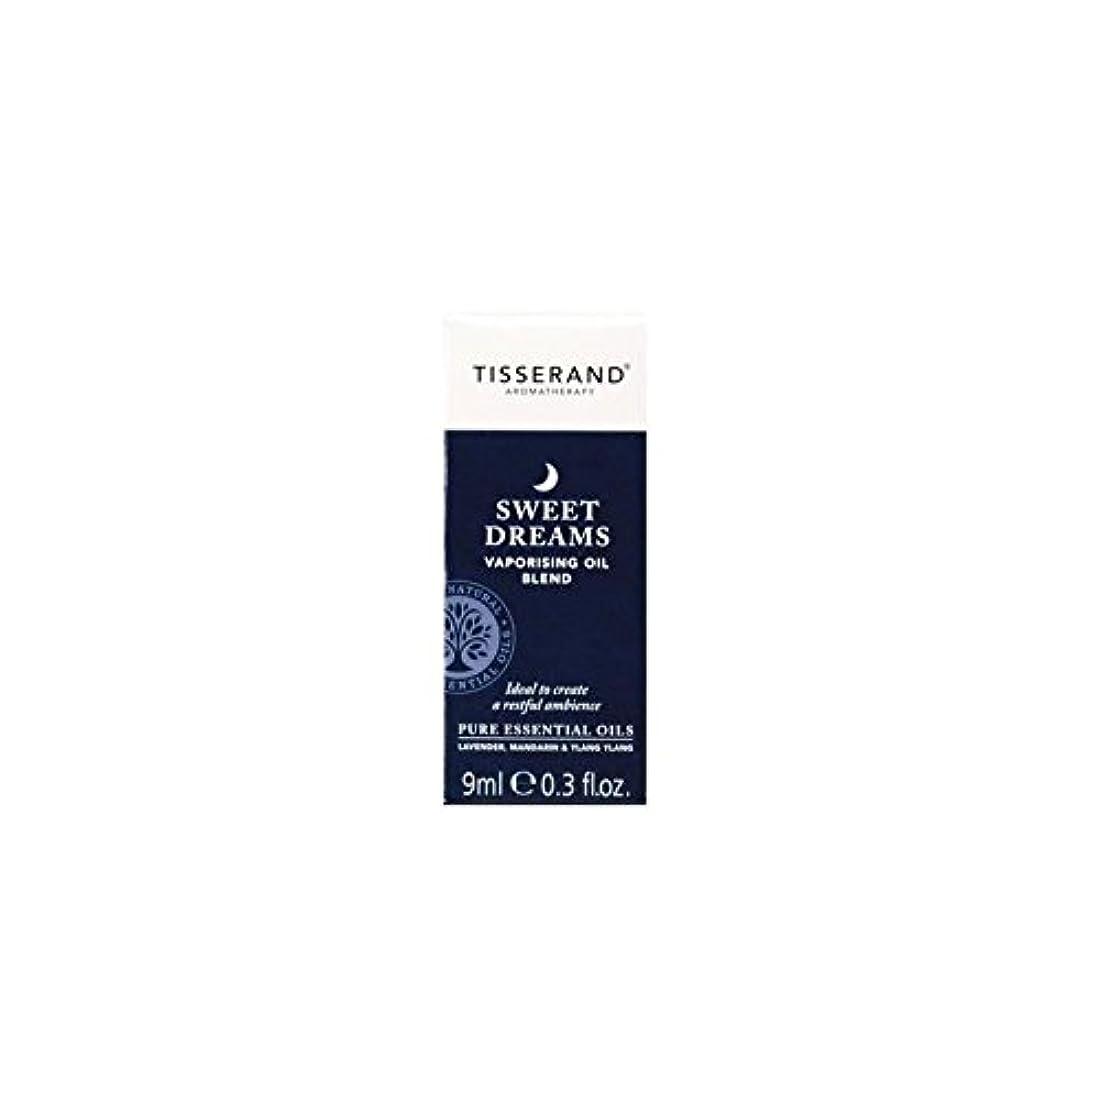 あなたは支払うペリスコープオイル9ミリリットルを気化甘い夢 (Tisserand) (x 6) - Tisserand Sweet Dreams Vaporising Oil 9ml (Pack of 6) [並行輸入品]